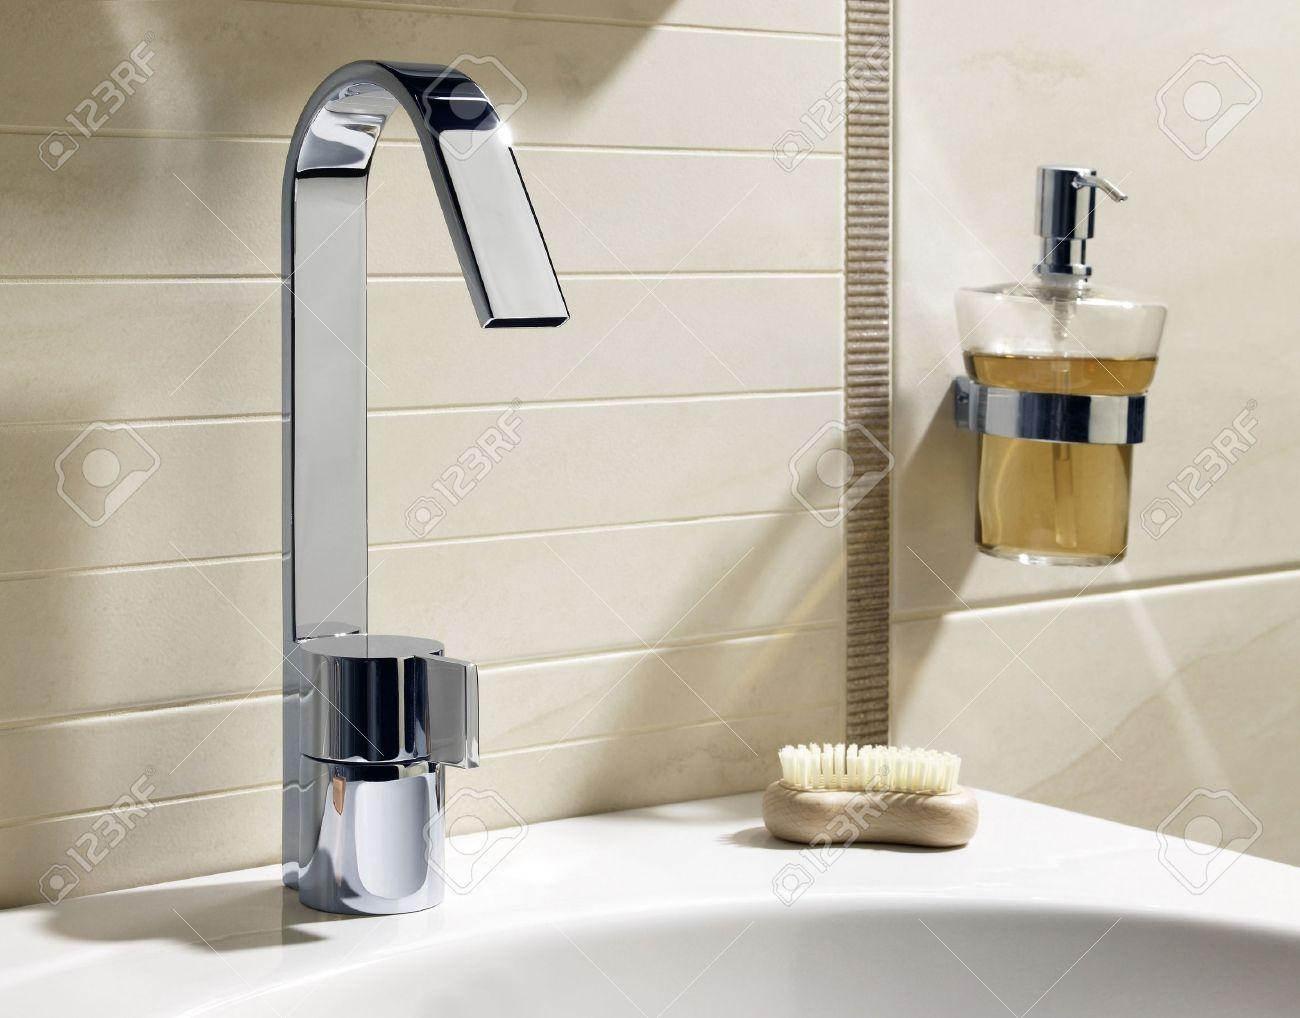 Robinet, savon liquide et d'un lavabo blanc dans salle de bain de ...